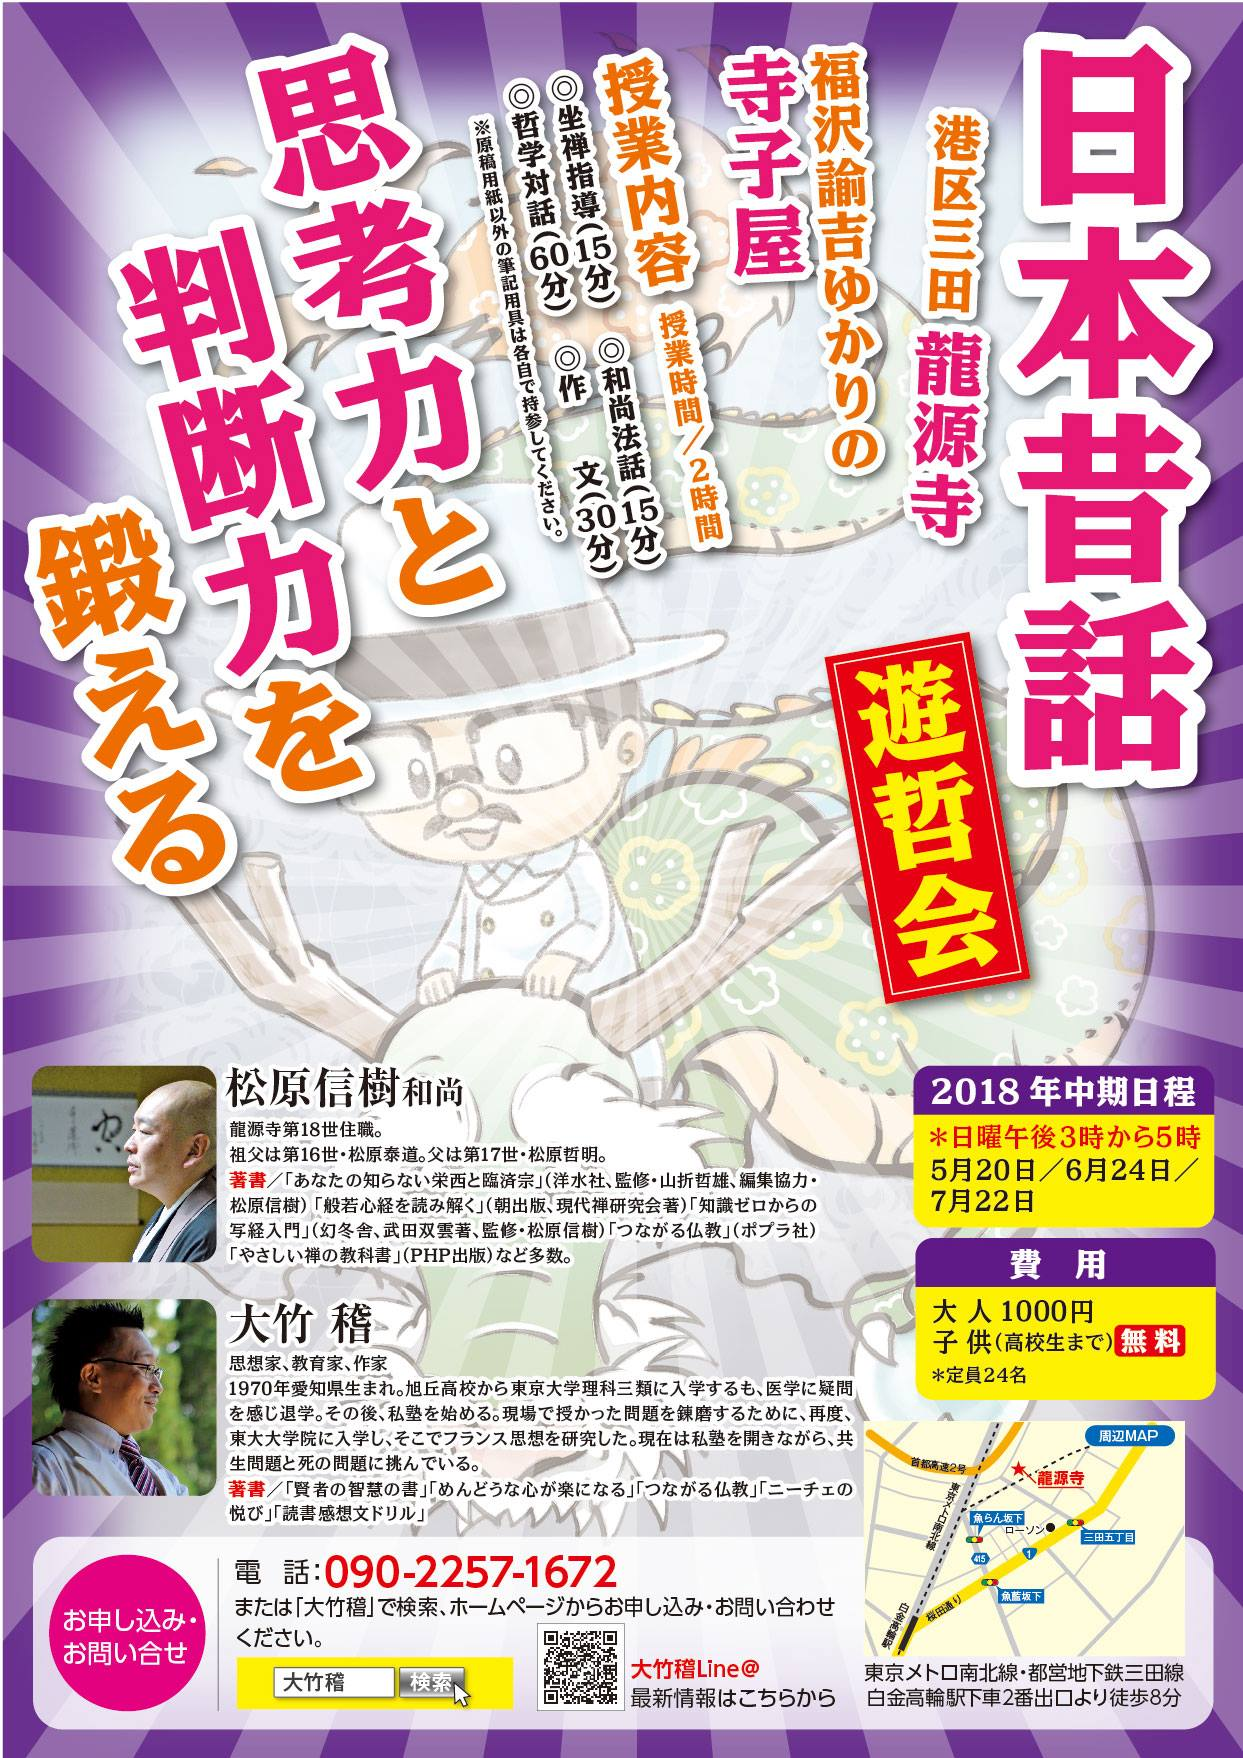 6月24日14時〜【港区三田 遊哲会】開催のお知らせ